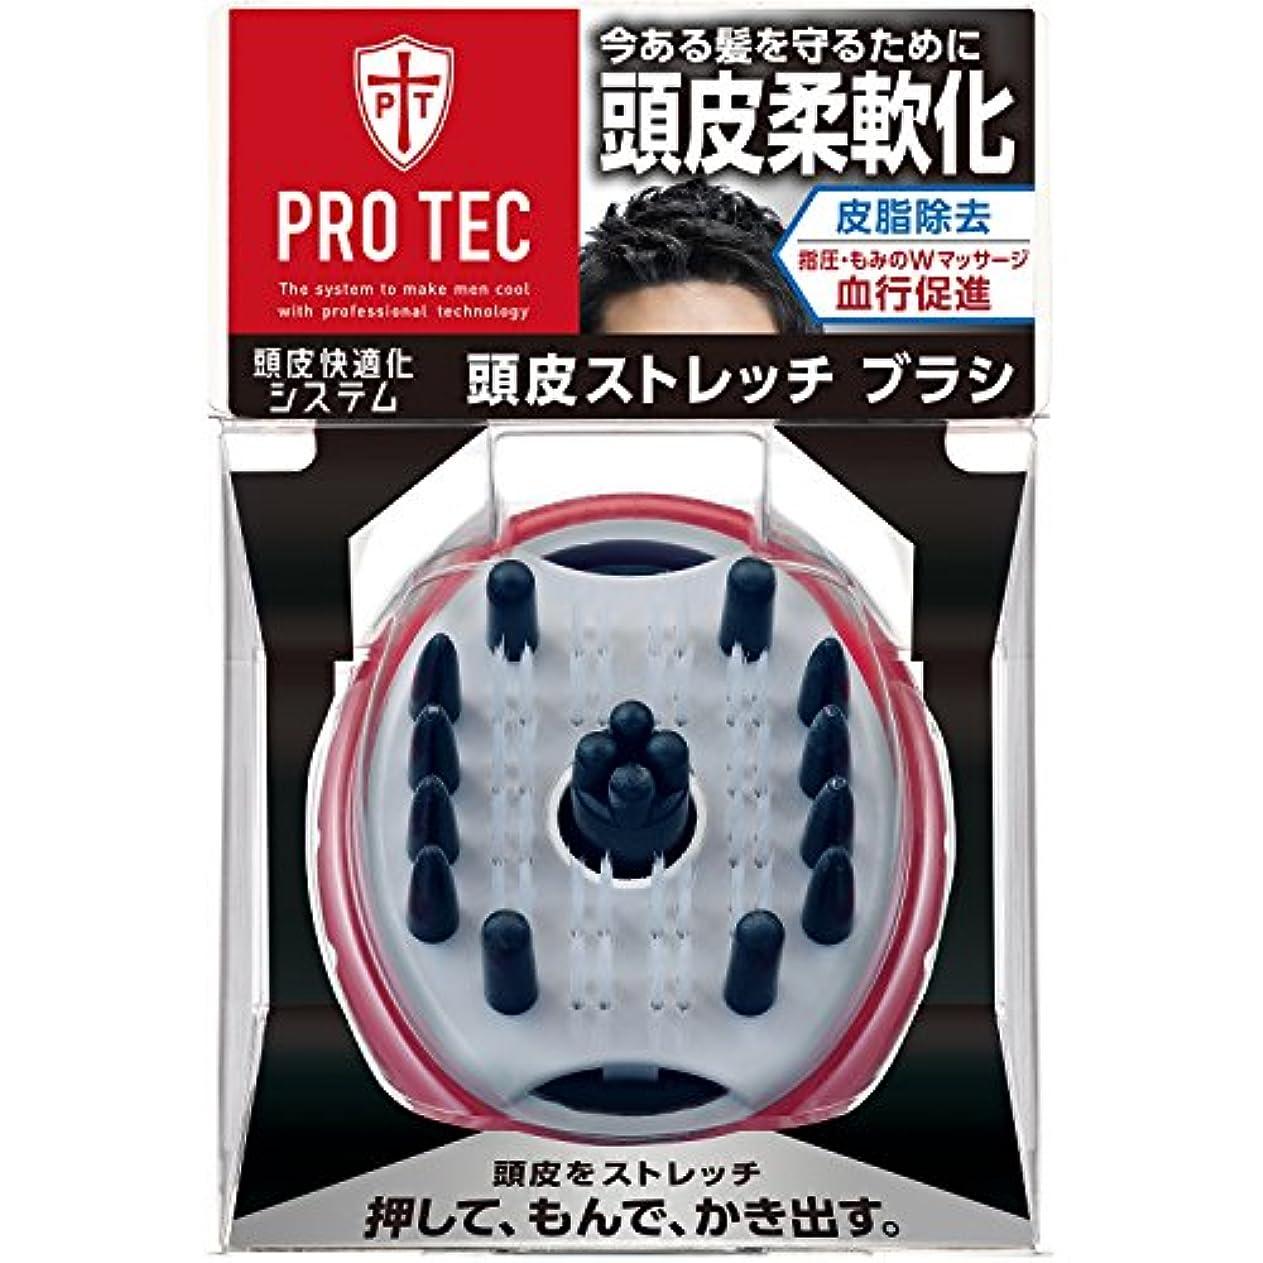 増強するゼリー保険PRO TEC(プロテク) ウォッシングブラシ 頭皮ストレッチタイプ